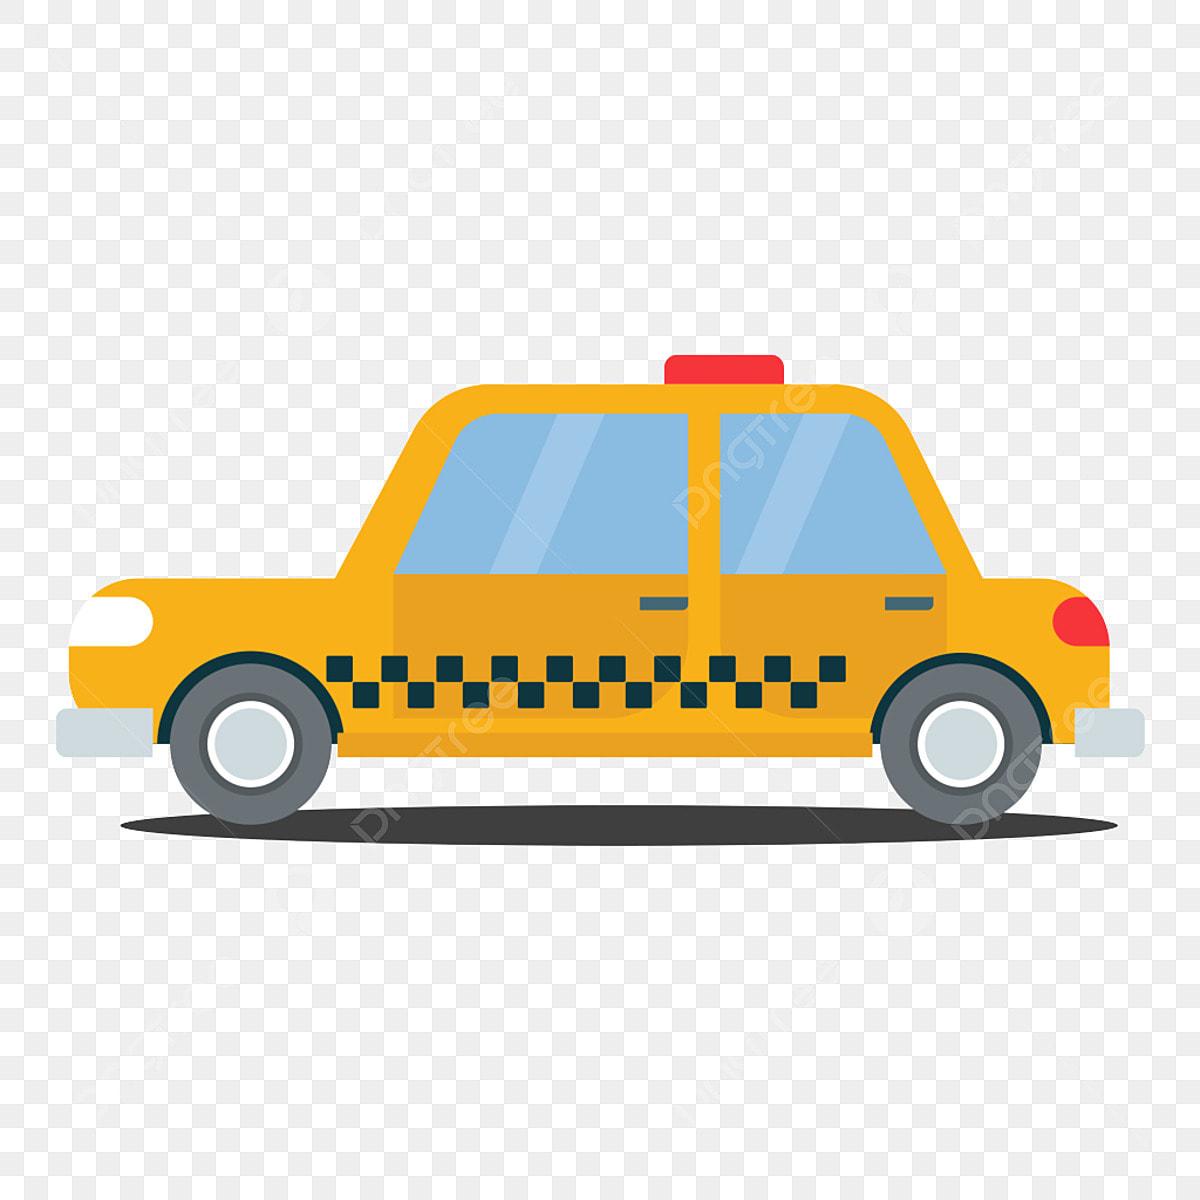 Element D Illustration Simple Dessin Anime Materiau Libre Taxi Clipart Element D Illustration Facile Fichier Png Et Psd Pour Le Telechargement Libre